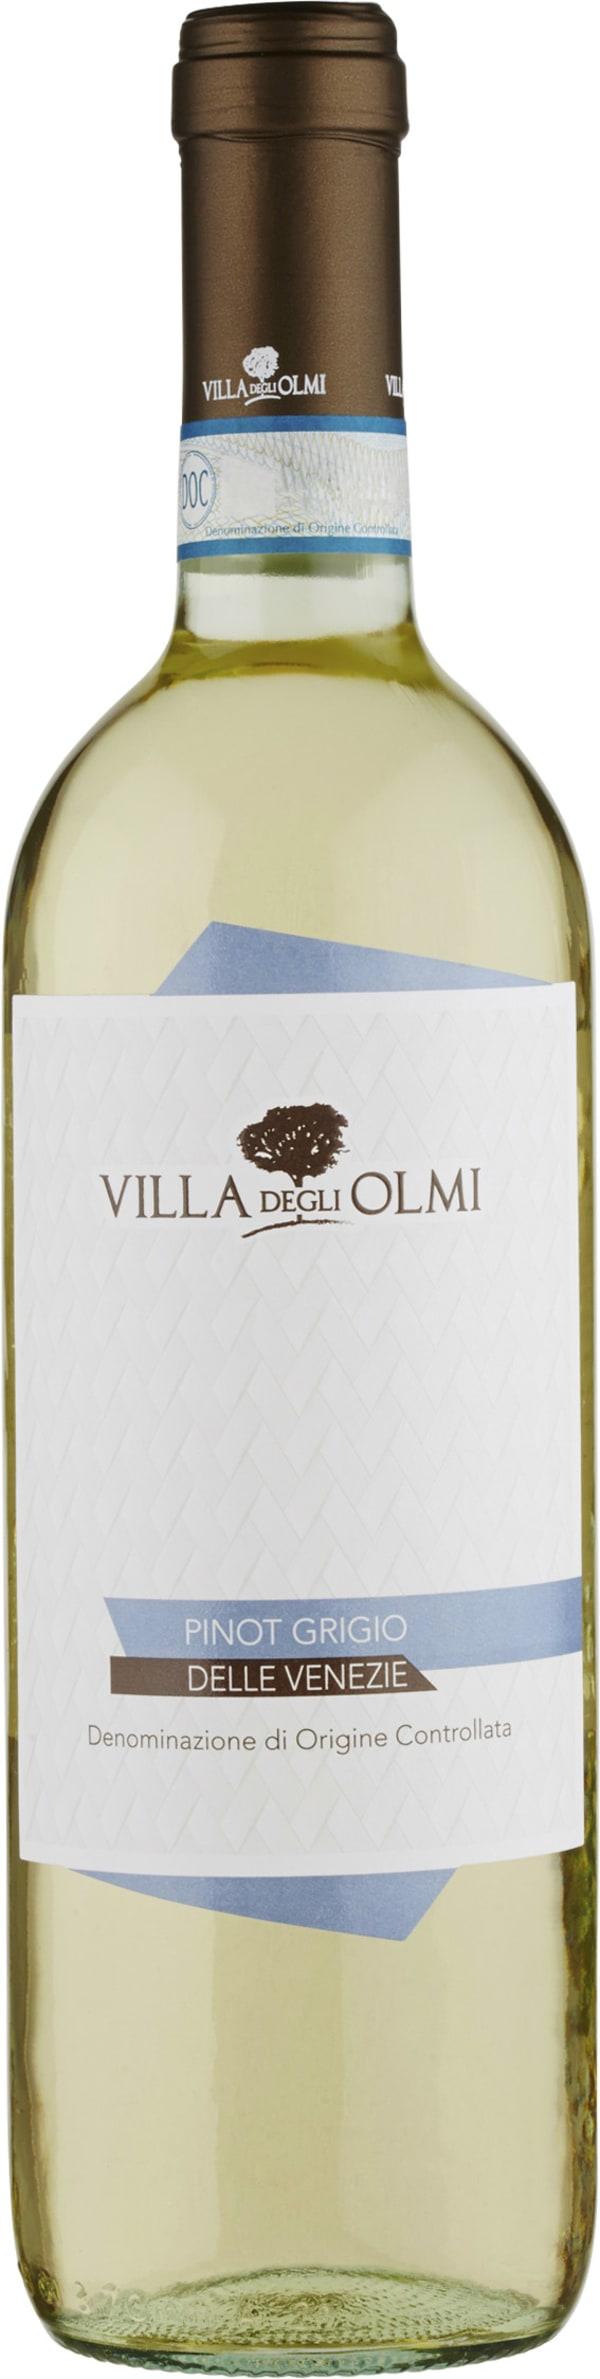 Villa Degli Olmi Pinot Grigio 2018